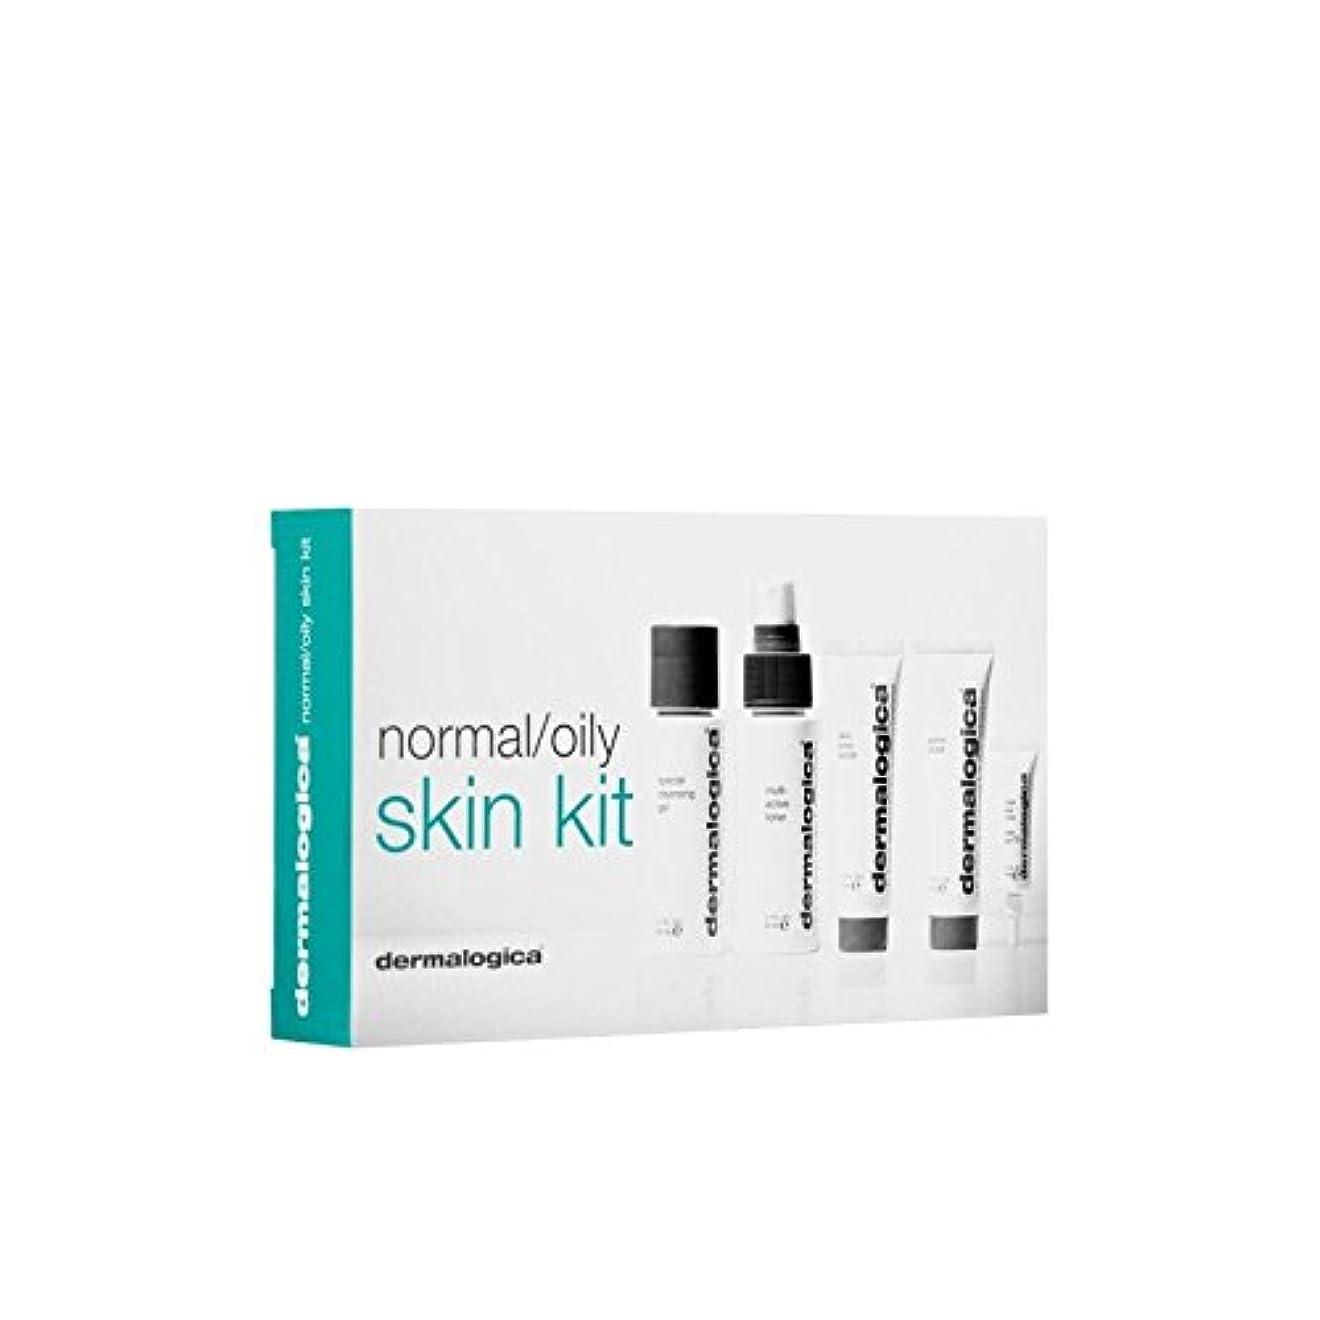 バタフライ敬じゃがいもDermalogica Skin Kit - Normal/Oily (5 Products) (Pack of 6) - ダーマロジカスキンキット - ノーマル/オイリー(5製品) x6 [並行輸入品]